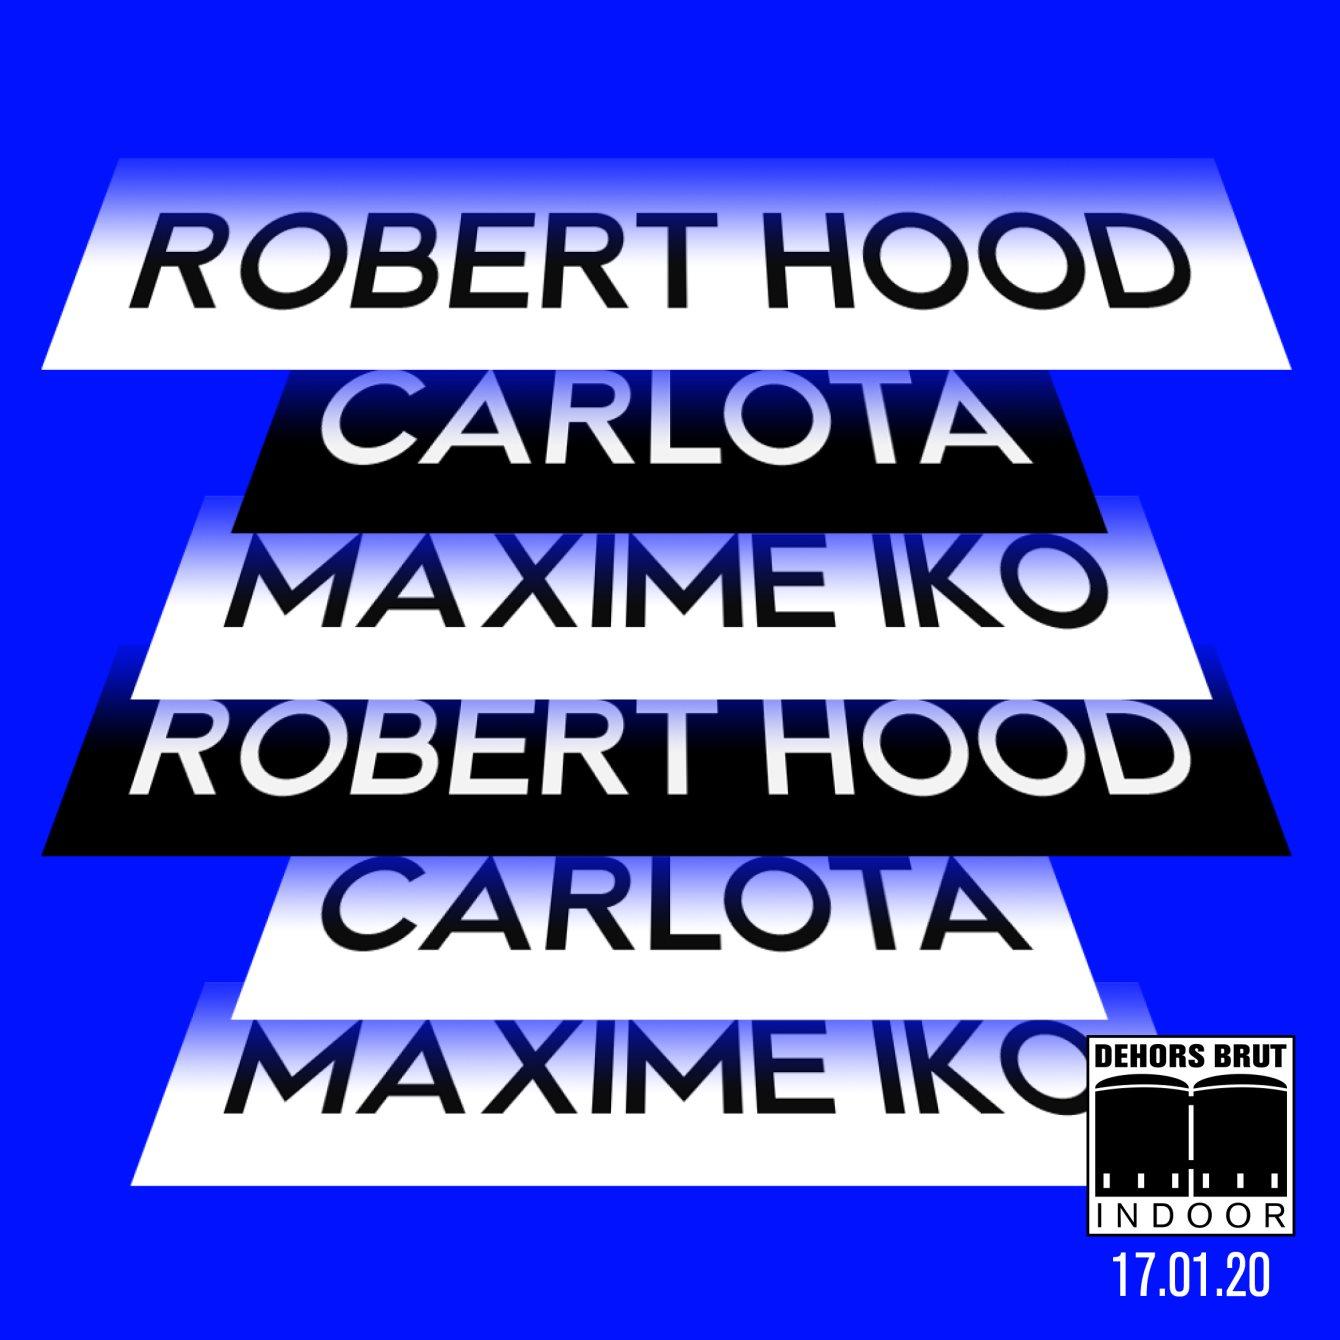 Dehors Brut Indoor: Robert Hood, Carlota - Flyer front